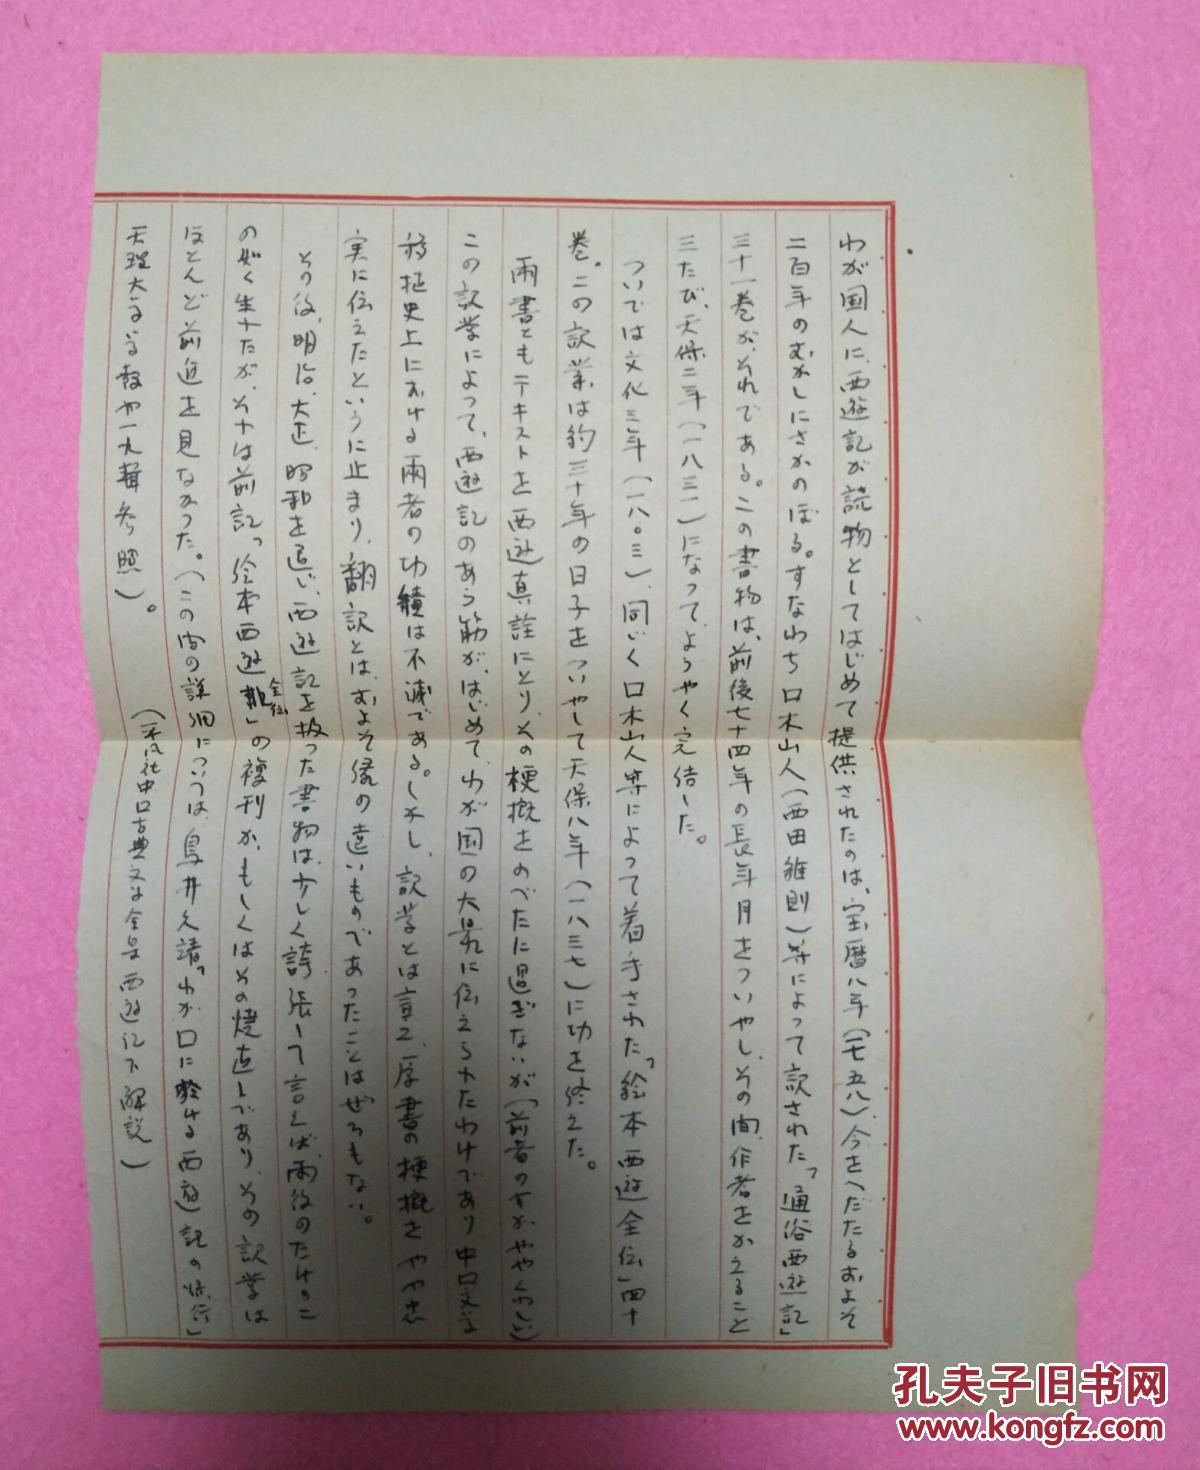 中国四大名著吴承恩原著日本人译本.《绘本西游记》硬图片